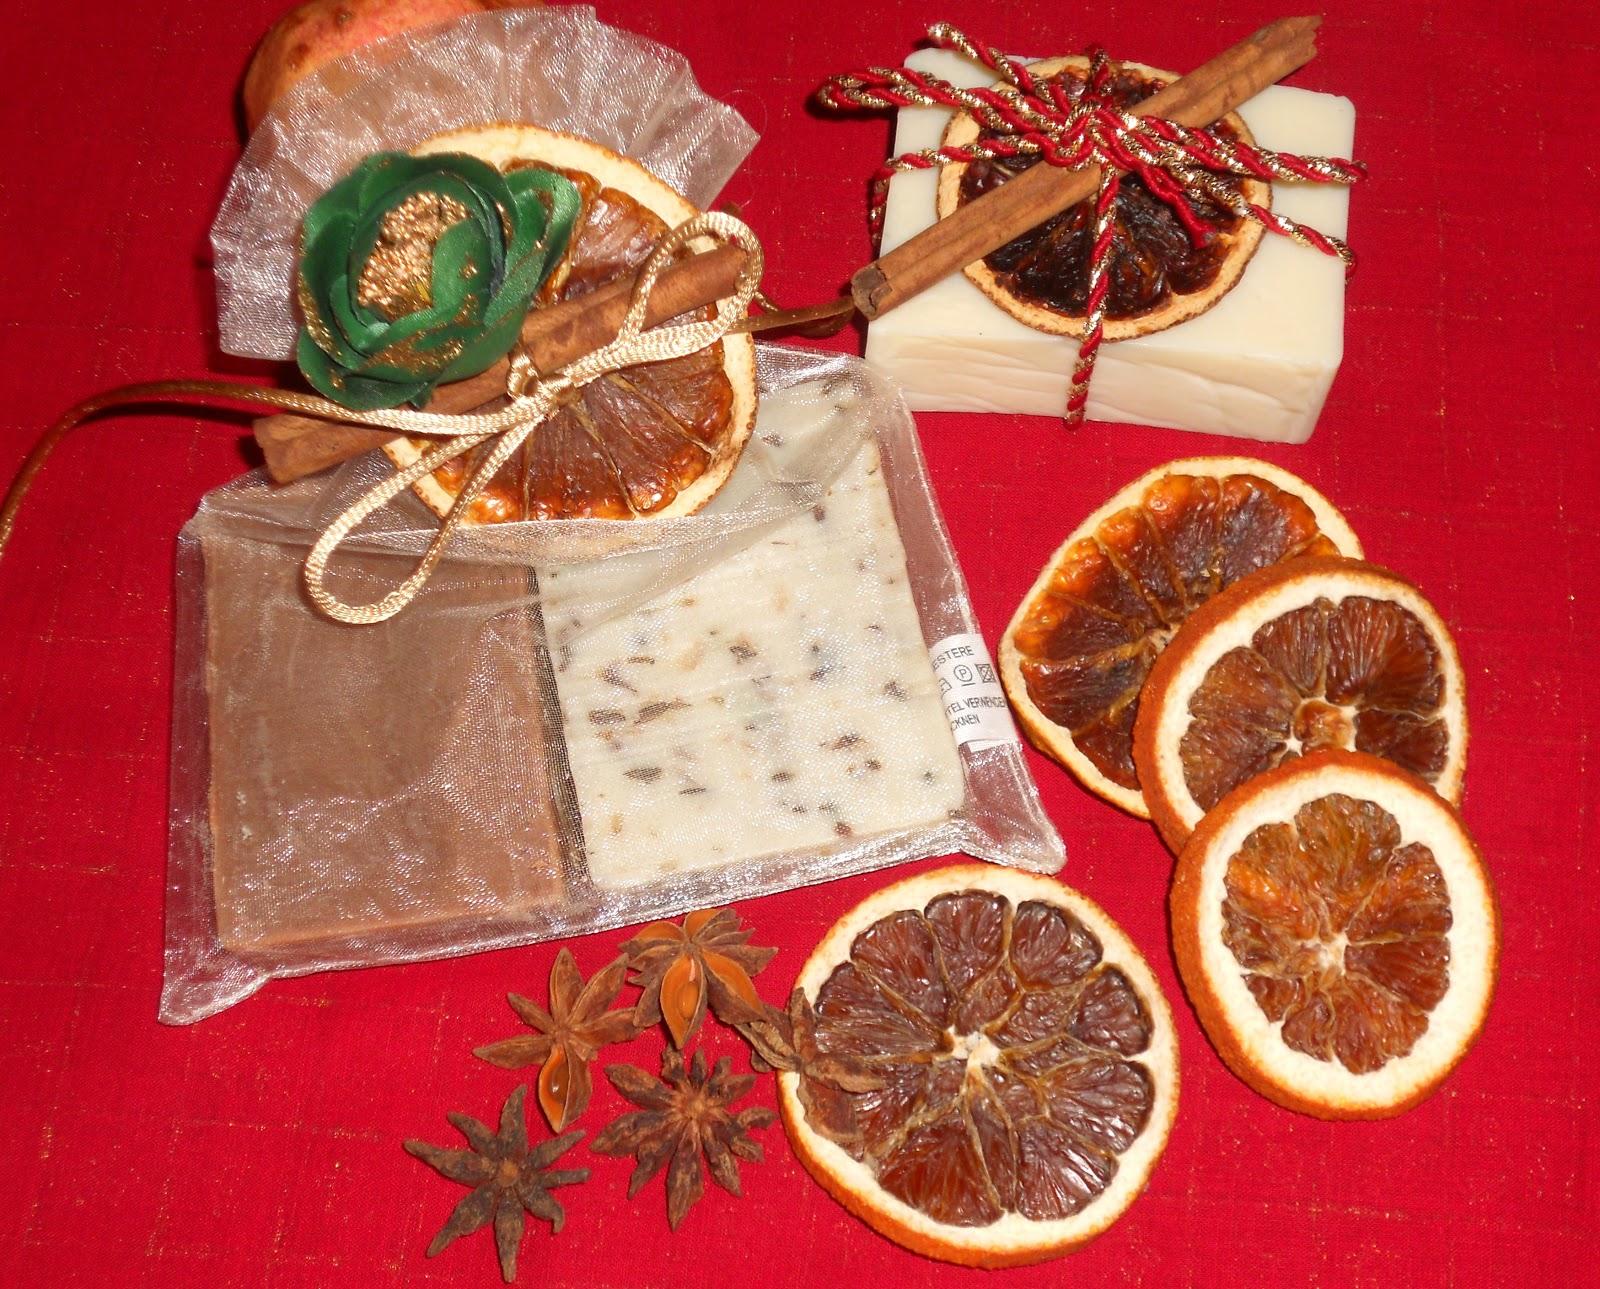 Addobbi Natalizi Con Frutta maghella di casa : addobbi di natale con frutta secca e spezie